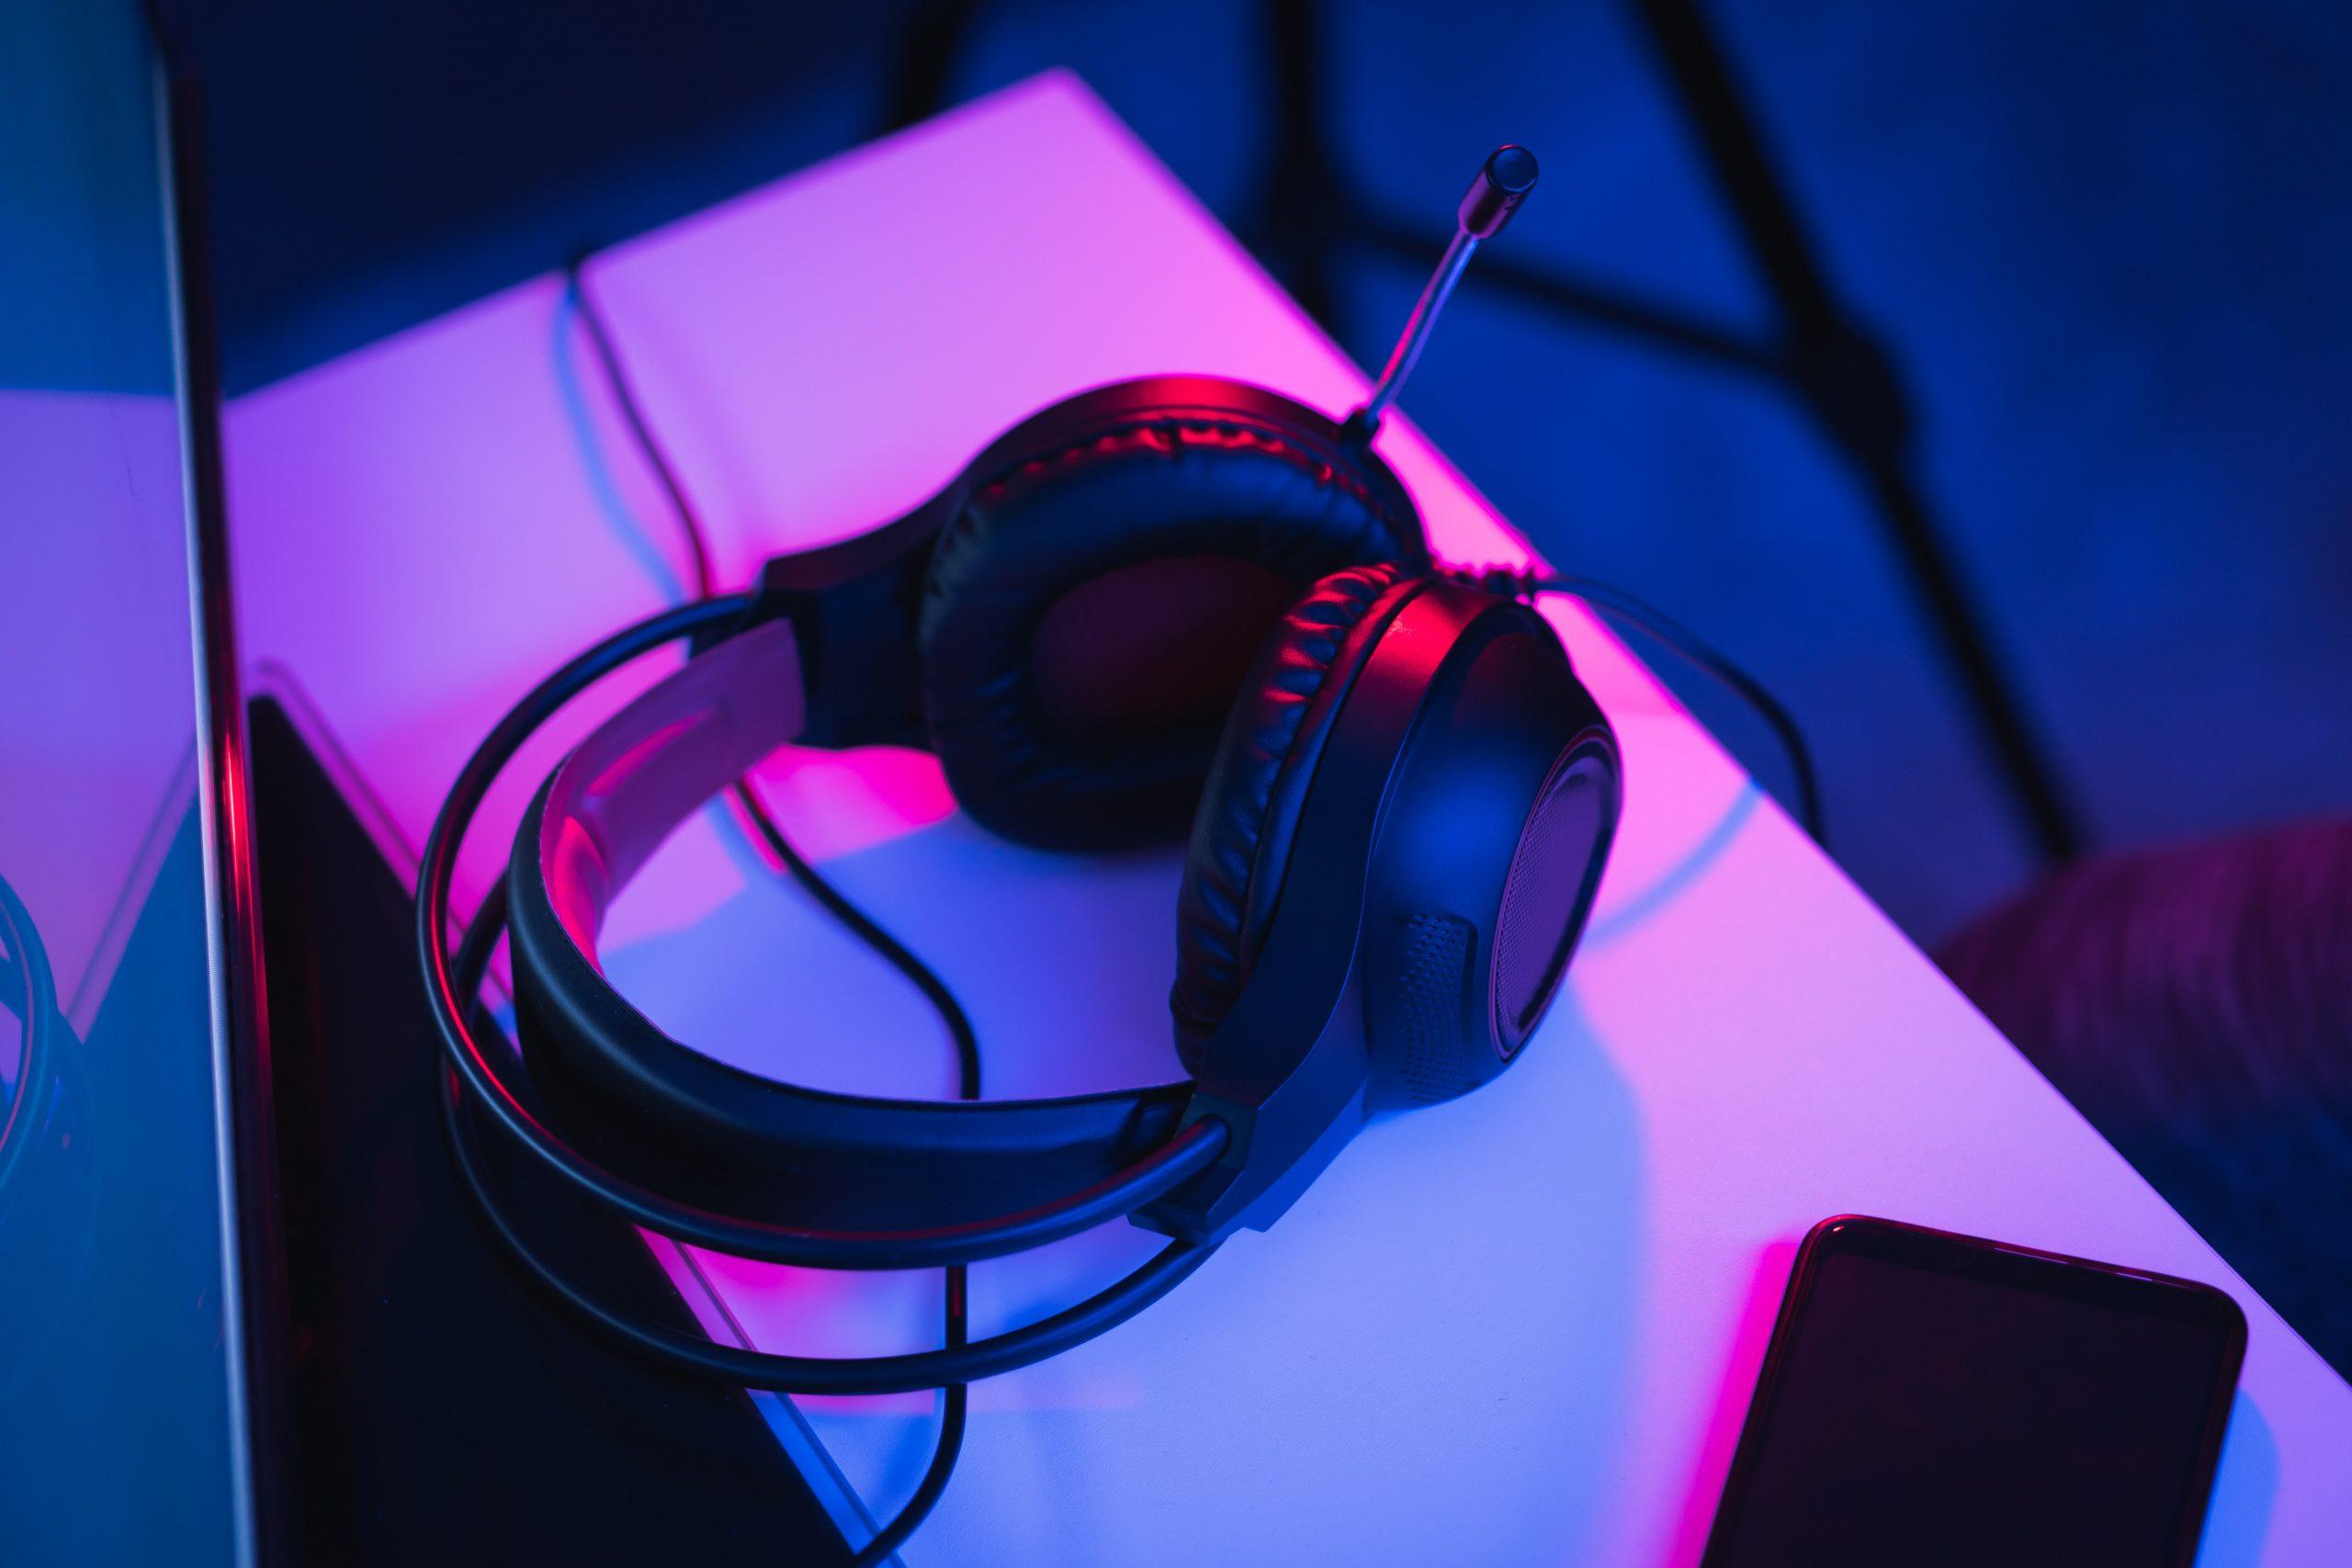 Auriculares sony de PS4 negros sobre una mesa con luz morada